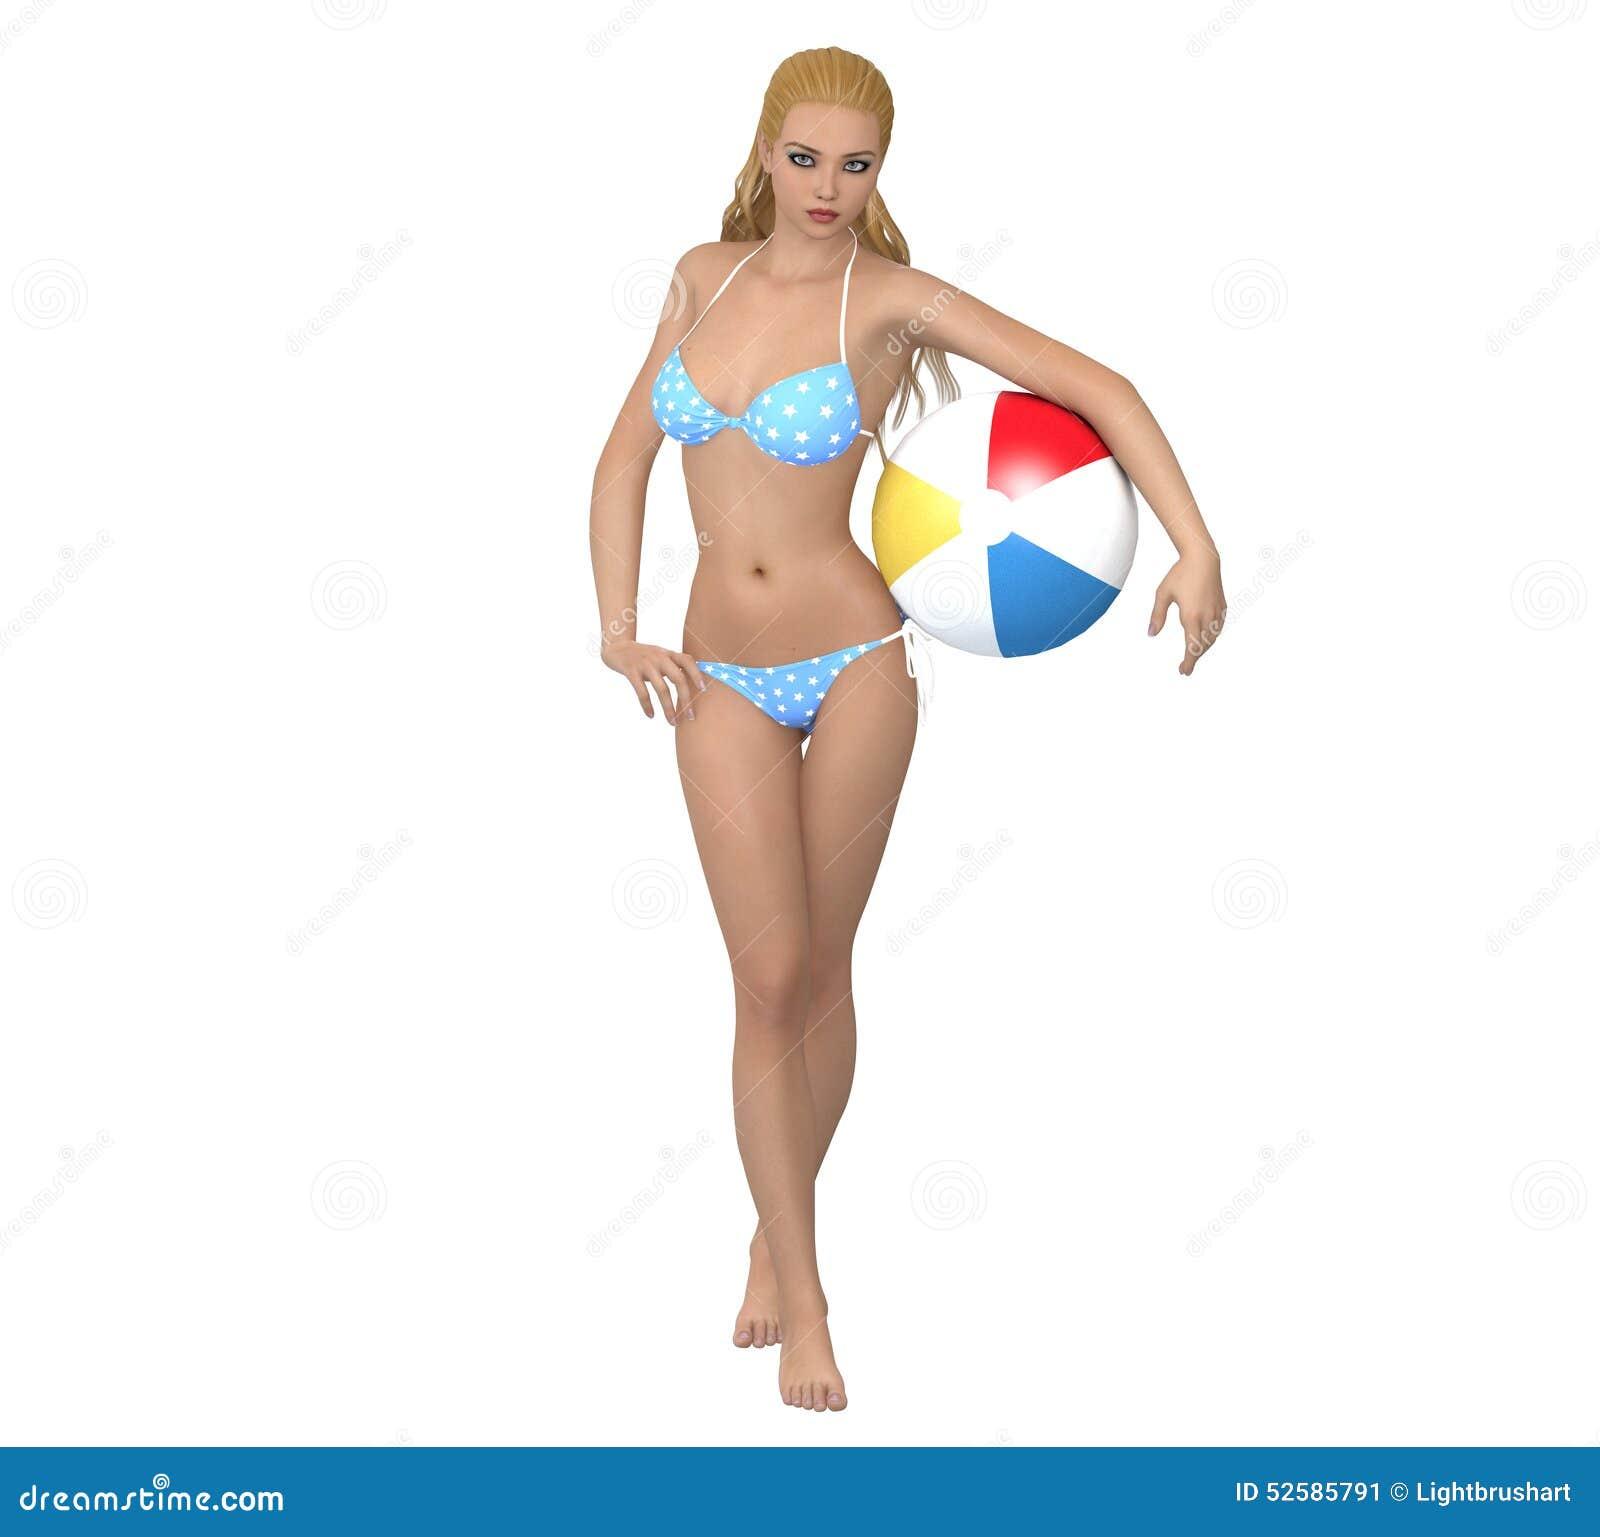 Con Joven La Bola Ilustración En De Stock Chica Bikini htQsCrd